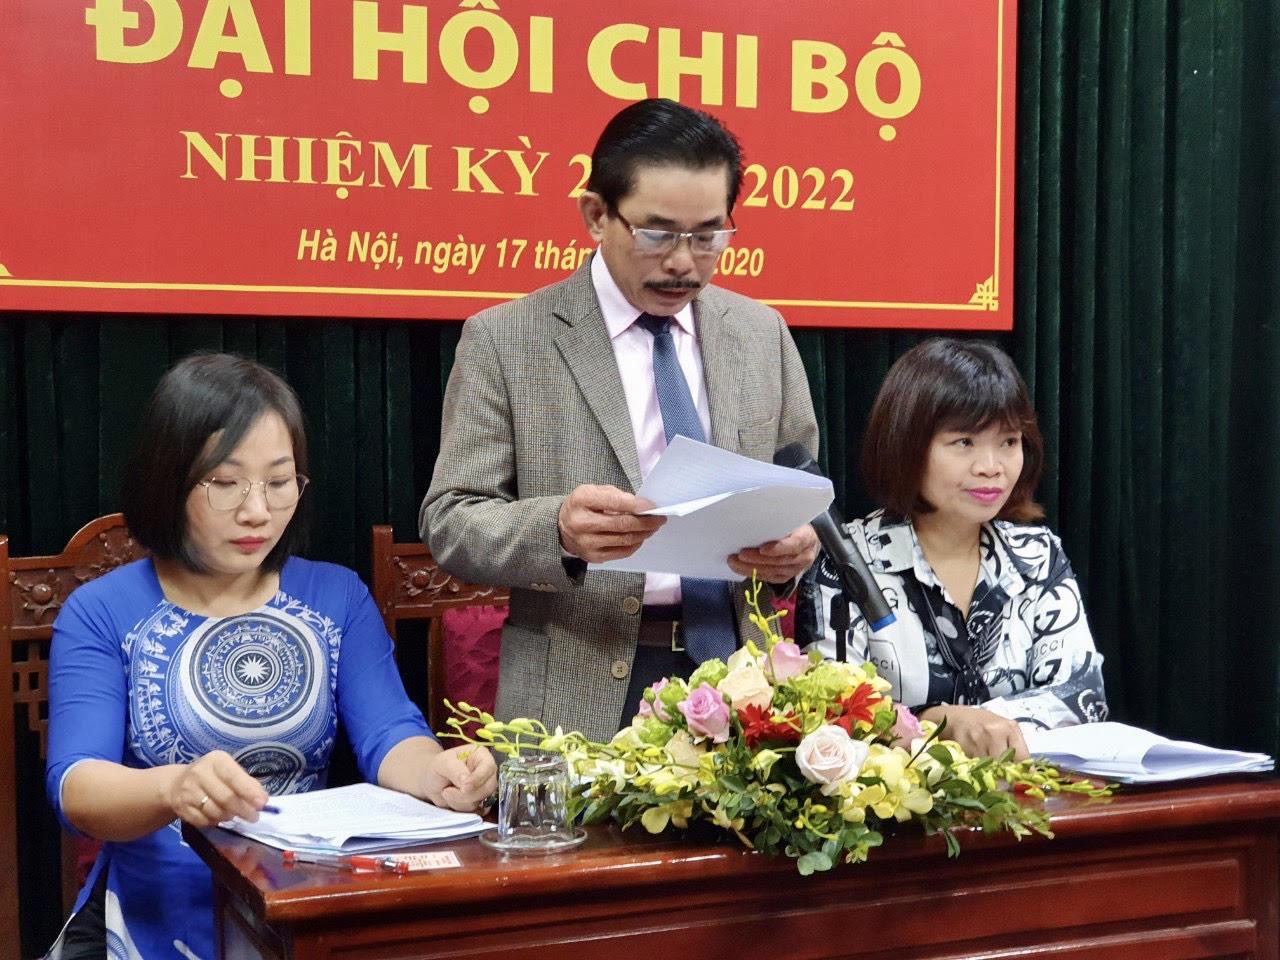 Ông Lê Công Bình, Bí thư Chi bộ, Tổng Biên tập Báo Dân tộc và Phát triển trình bày dự thảo Báo các Kết quả thực hiện Nghị quyết nhiệm kỳ 2017- 2020 và phương hướng nhiệm kỳ 2020- 2022